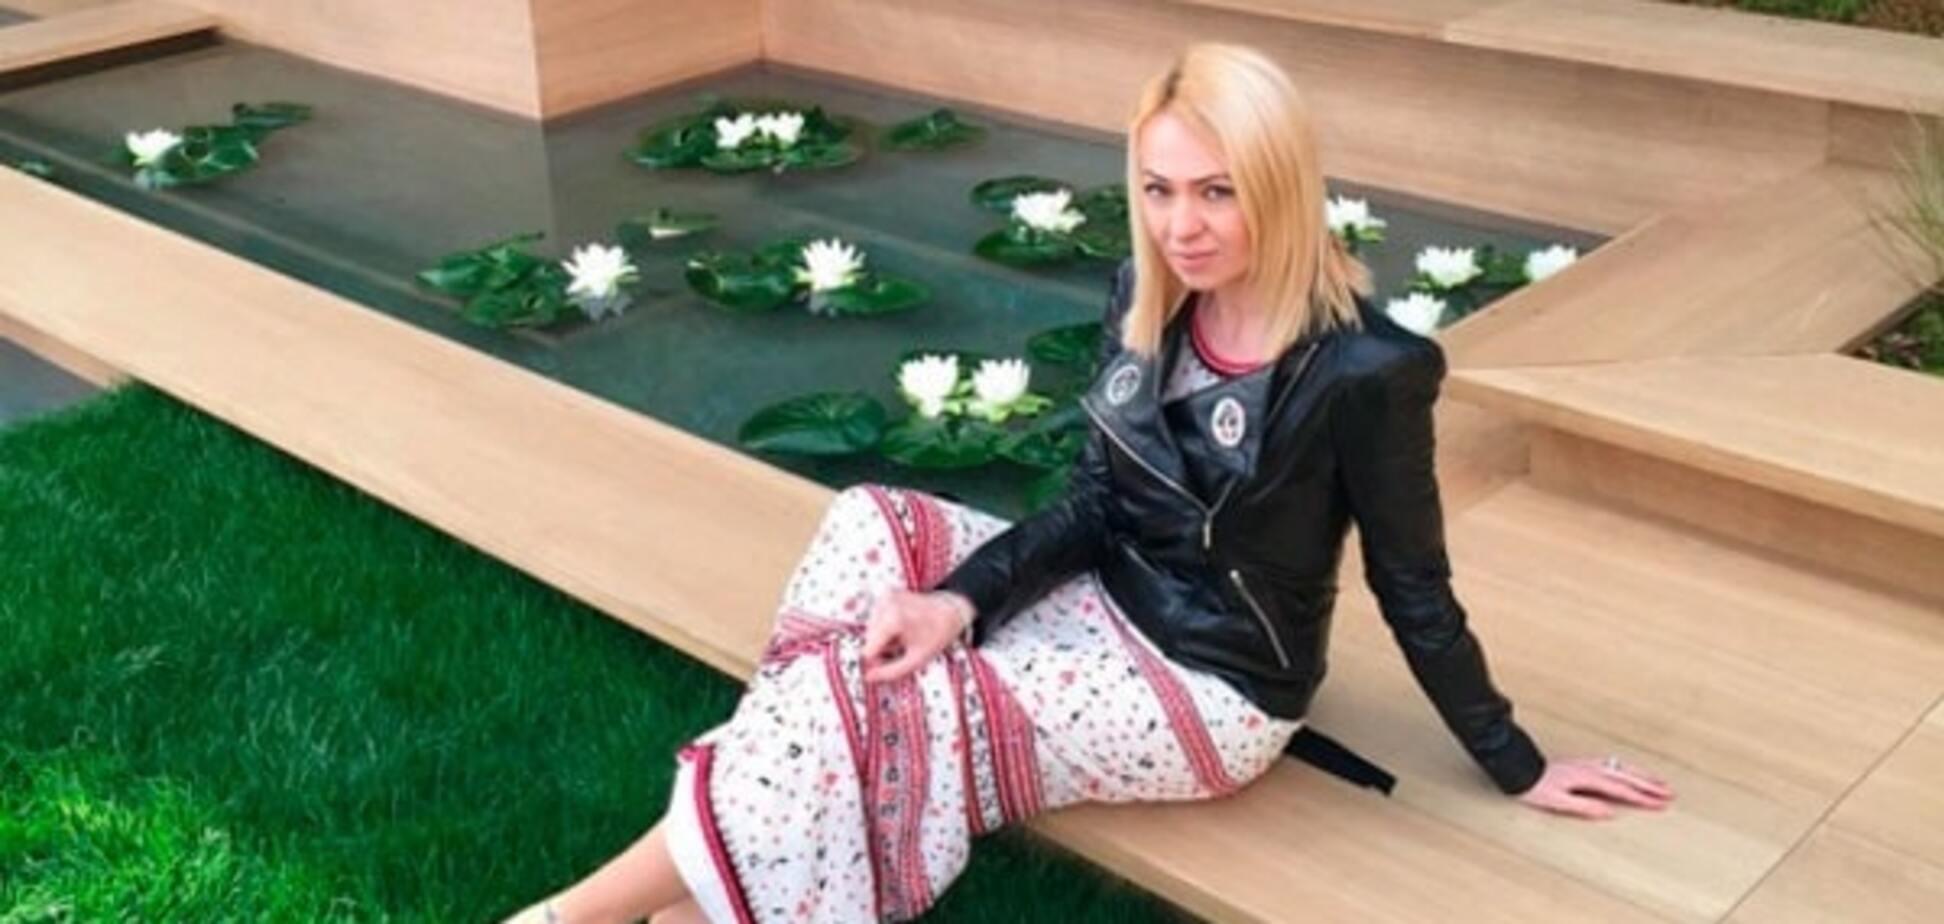 Блогеры высмеяли Рудковскую за 'деревенский сарафан' на показе Chanel в Париже